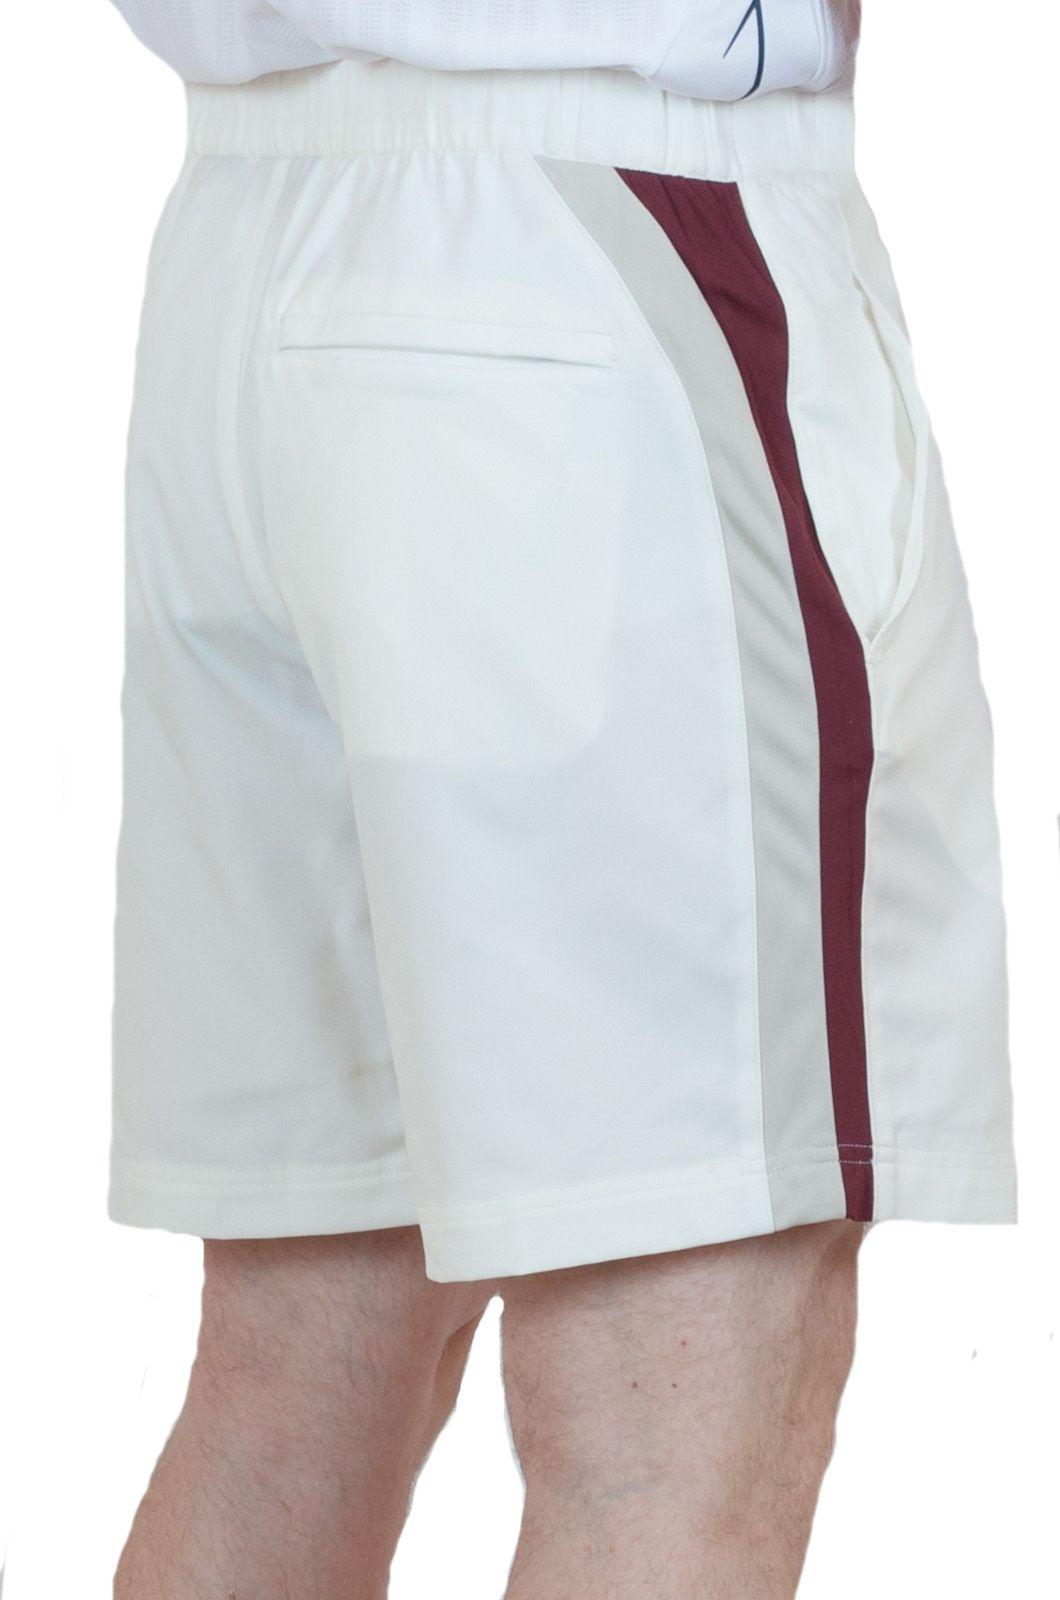 Мужские теннисные шорты белого цвета - вид сзади